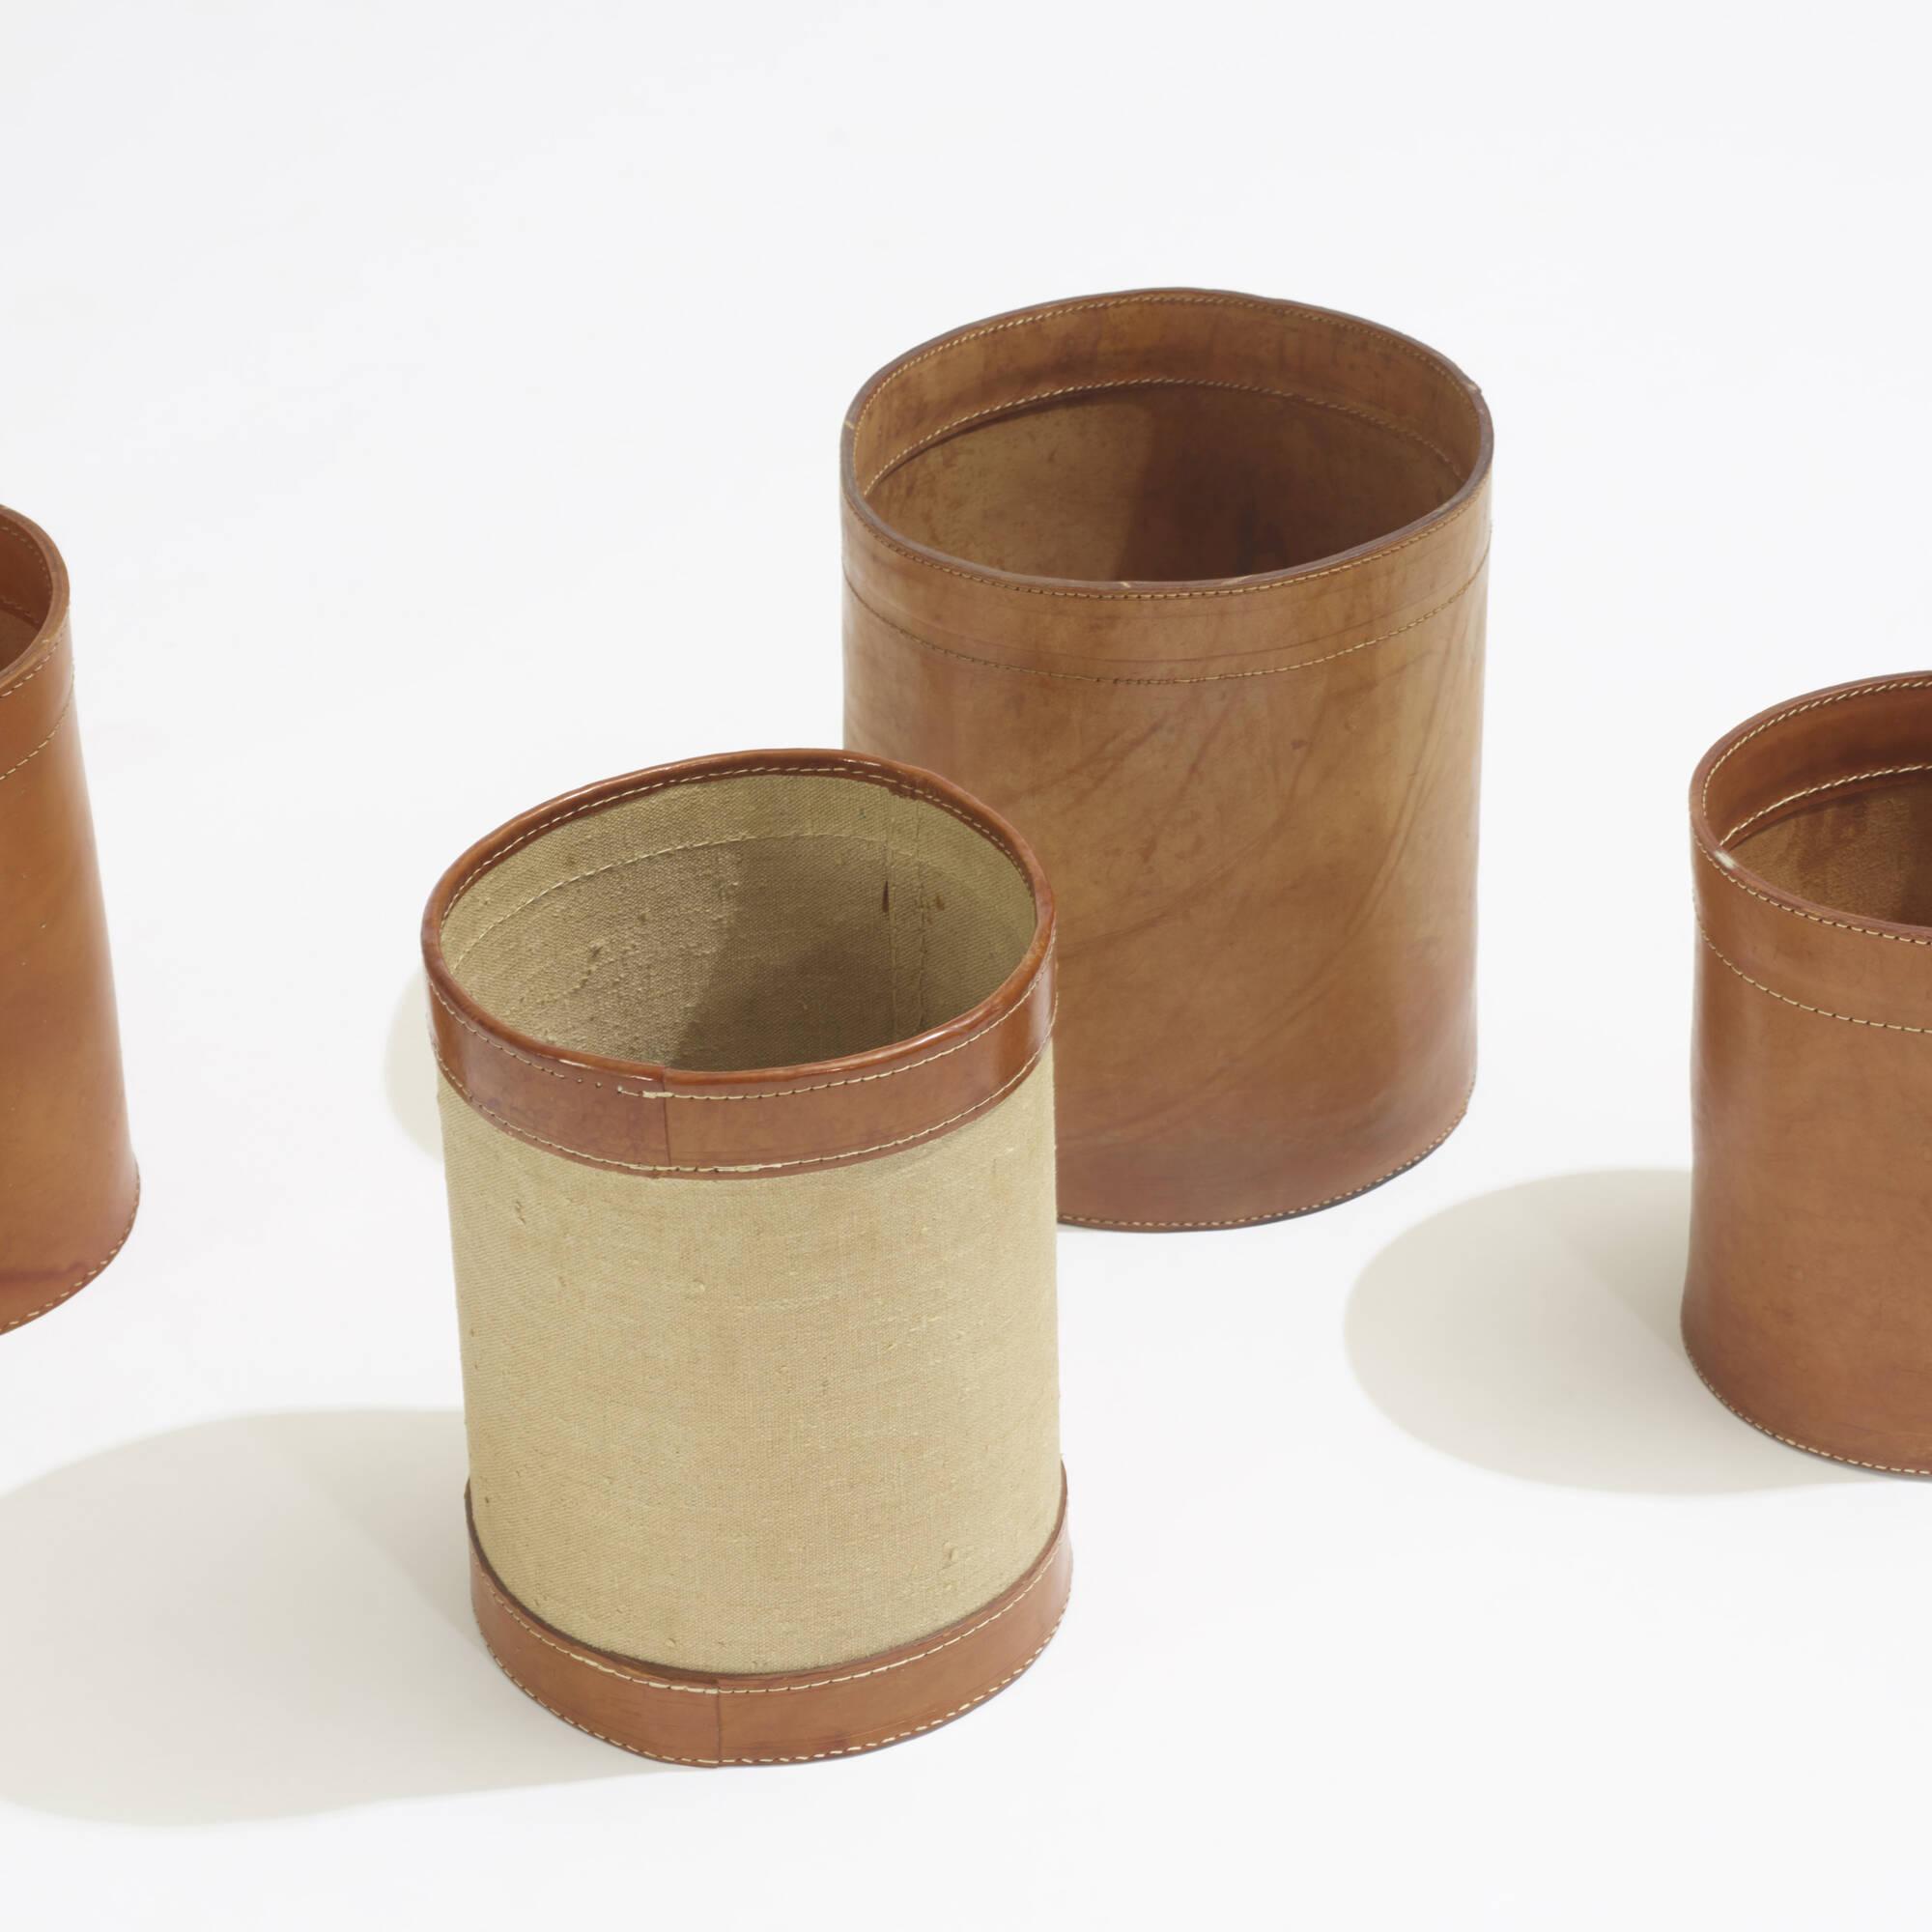 149: Den Permanente / wastepaper baskets, set of five (2 of 2)